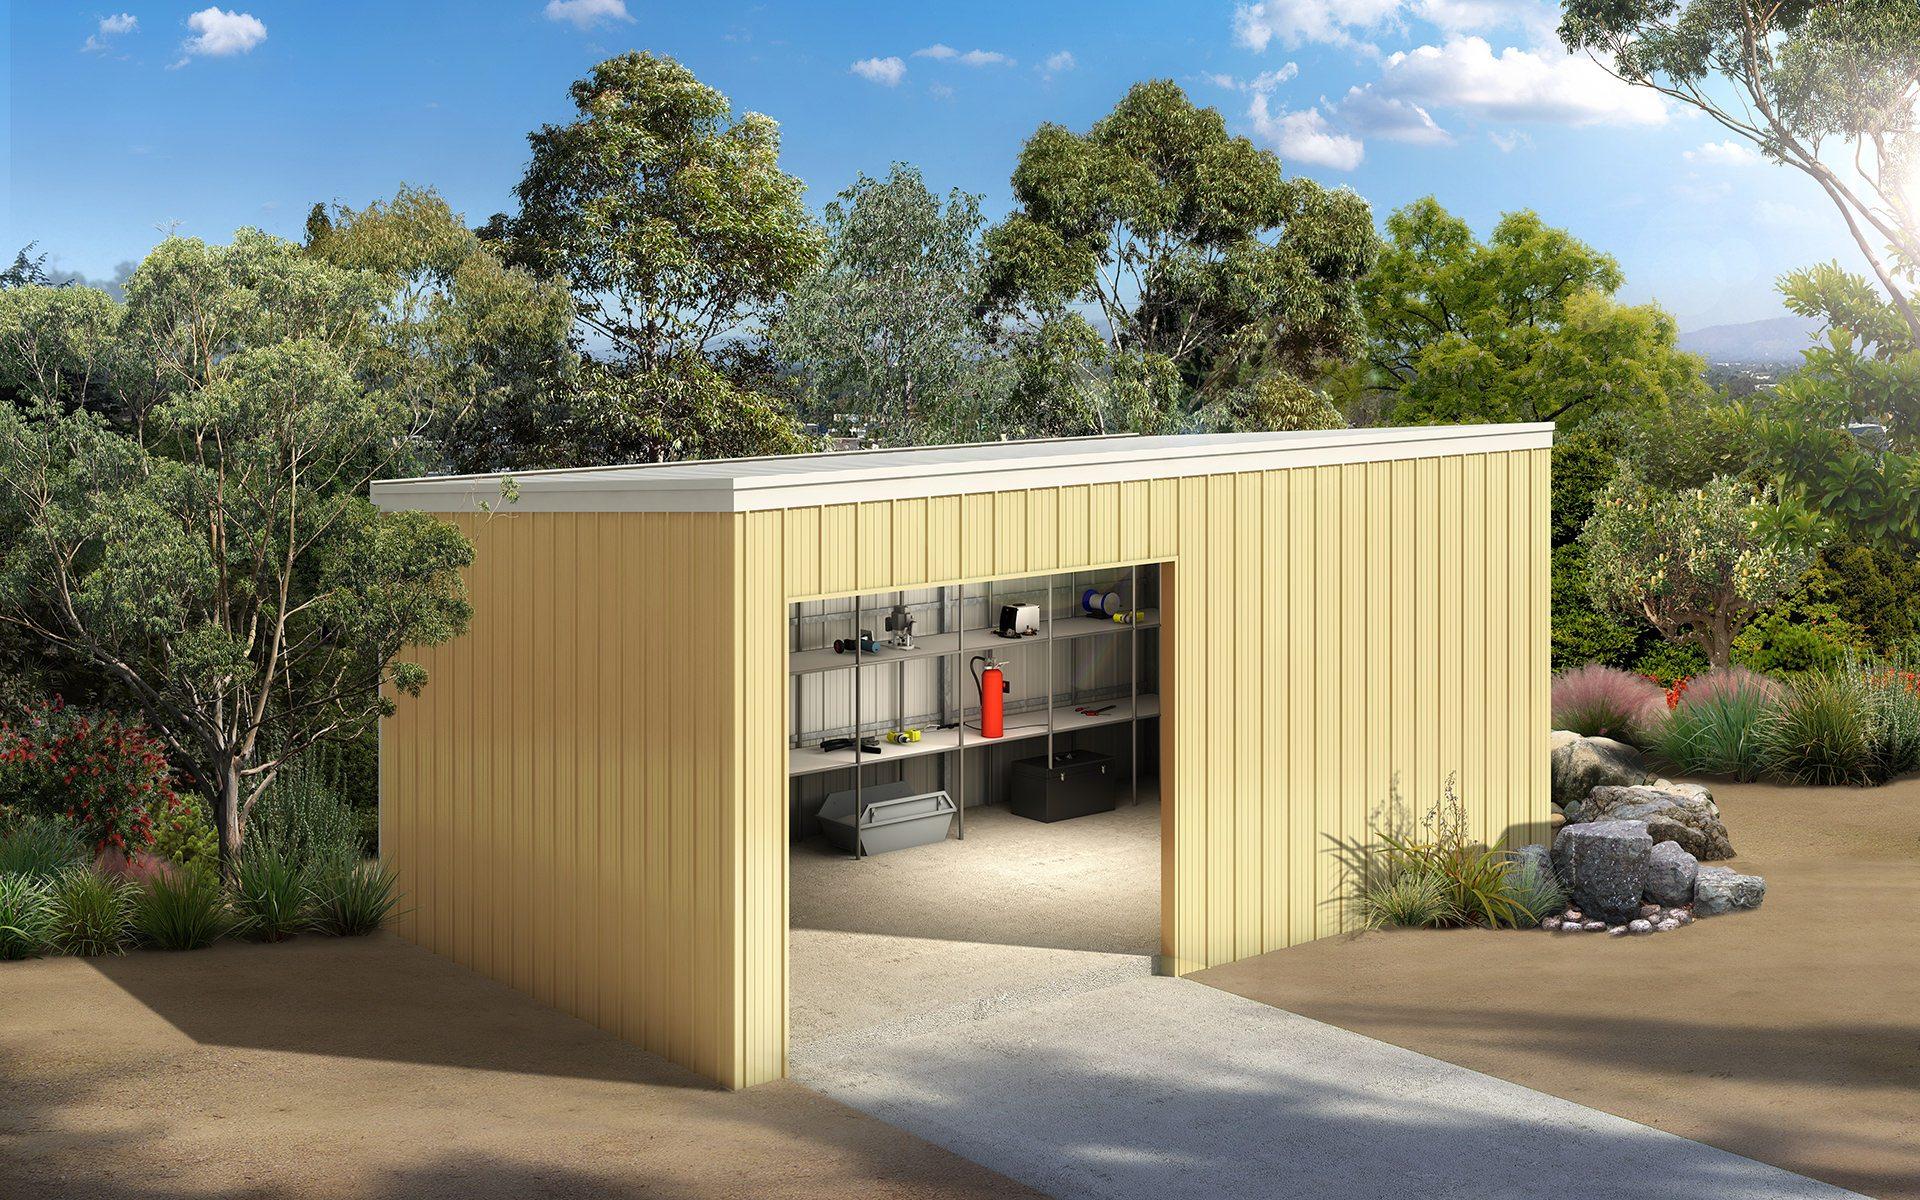 Skillion Sheds and Garages for sale - Ranbuild